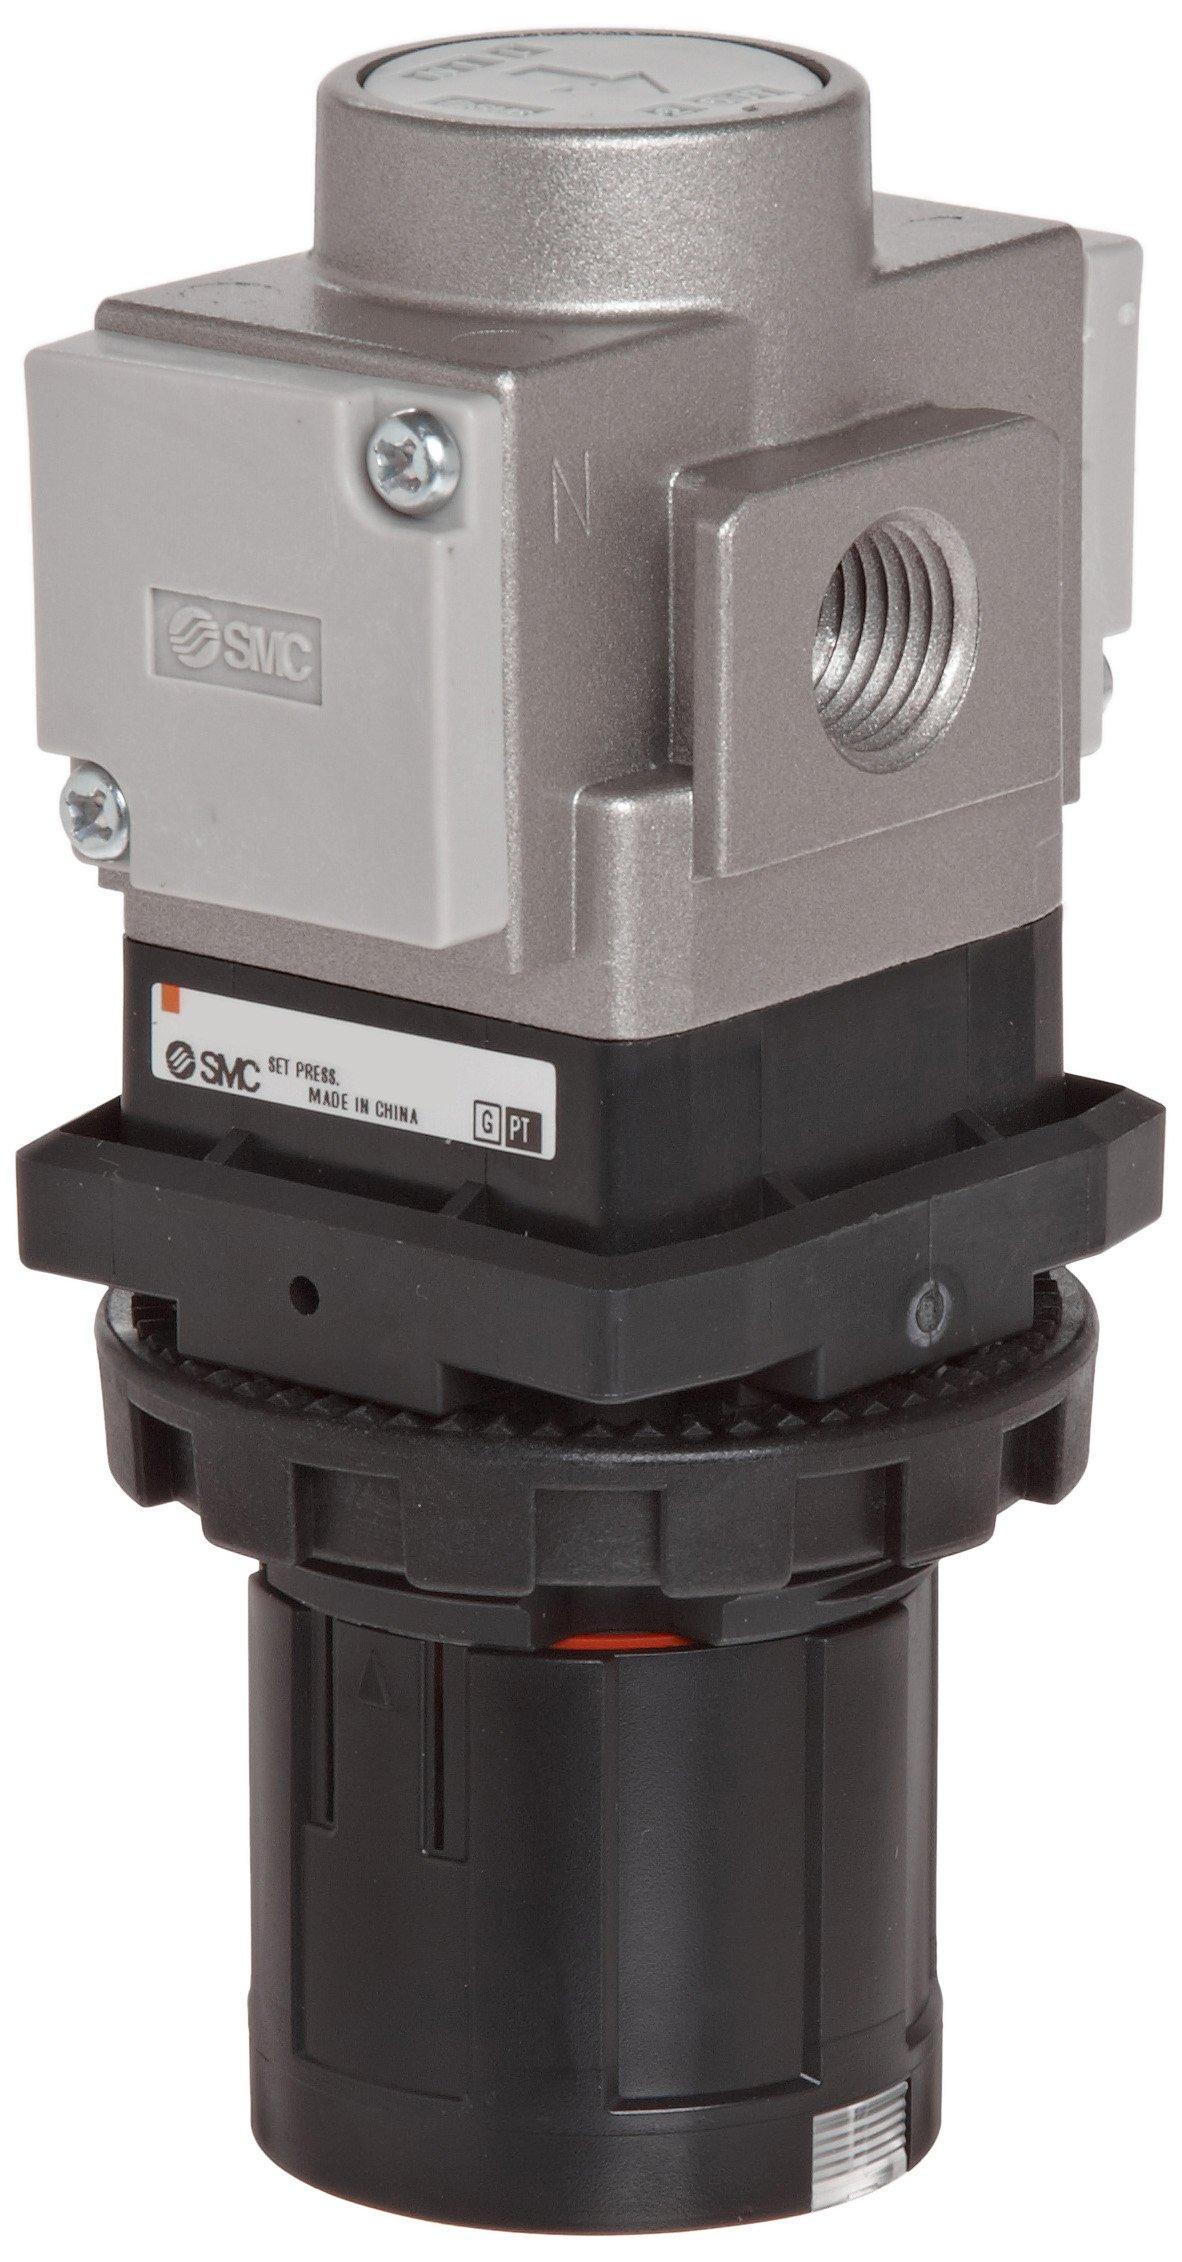 SMC ARG20-N02G1-Z Regulator with Gauge in Handle, Relieving type, 7.25 - 123 psi Set Pressure Range, 28 scfm, Gauge in Handle, 1/4'' NPT